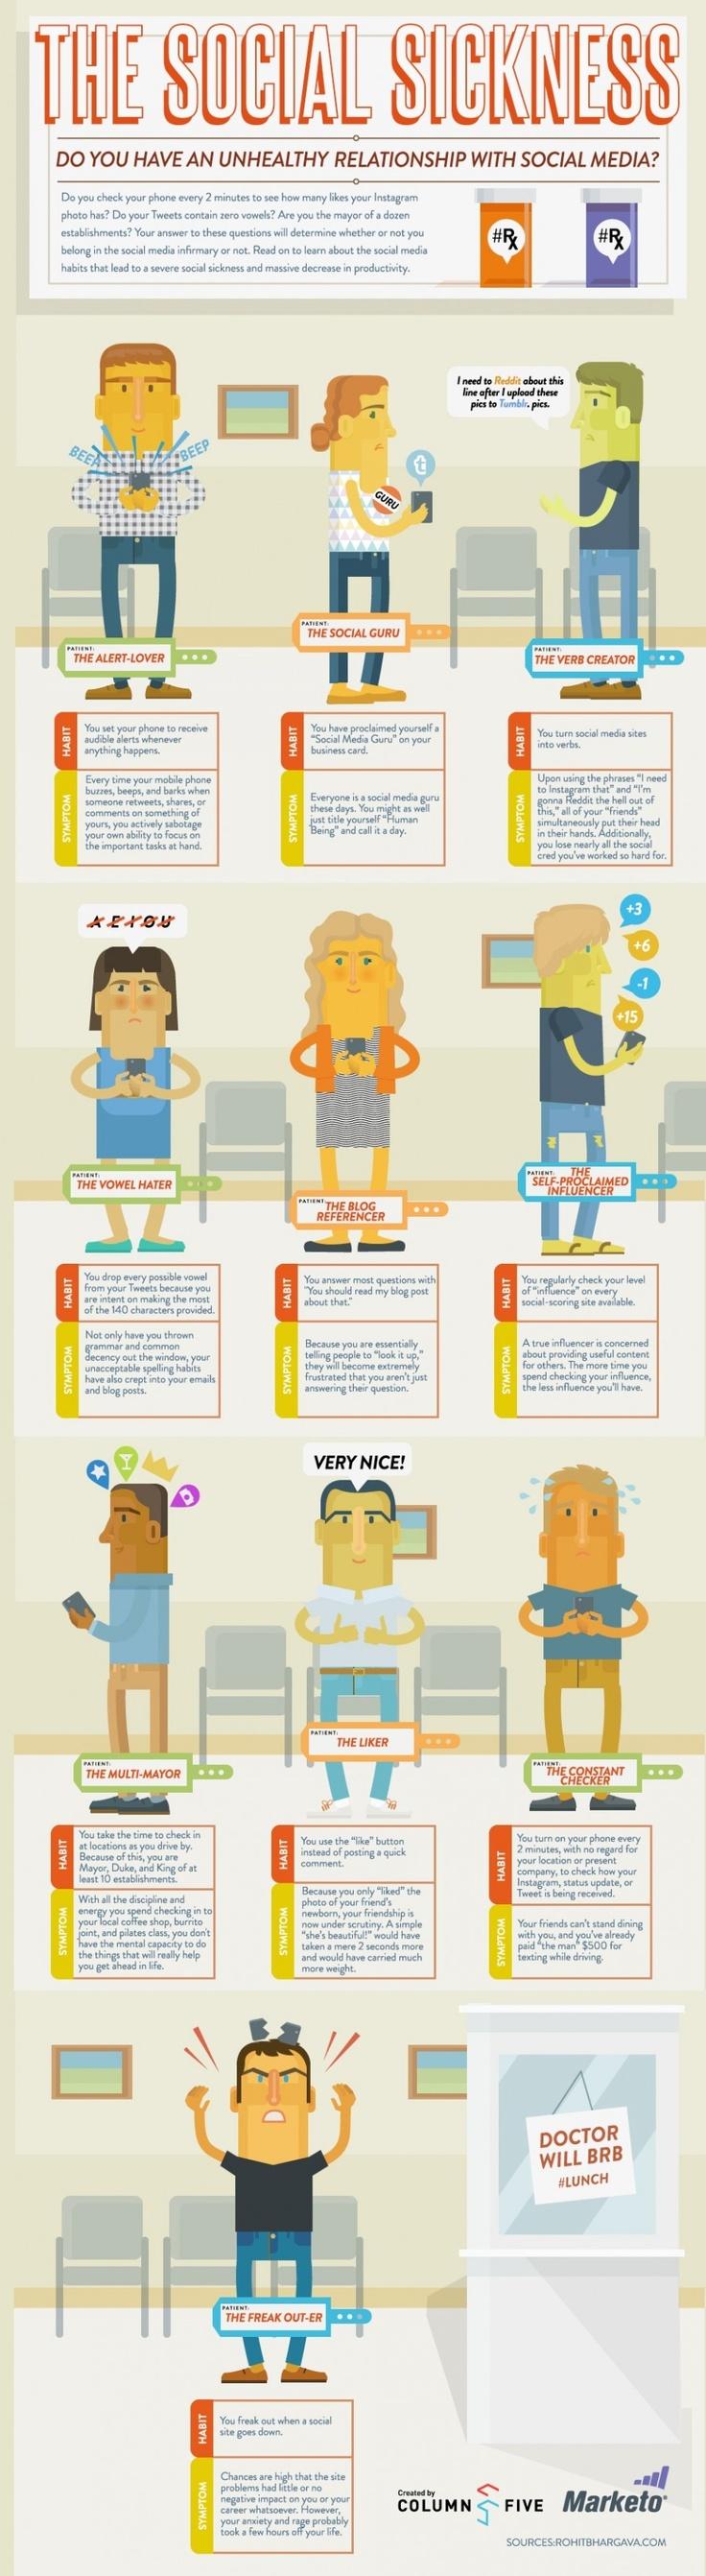 Welche Social Media Krankheit haben Sie? Ich glaube, ich habe gleich mehrere Krankheiten :-)